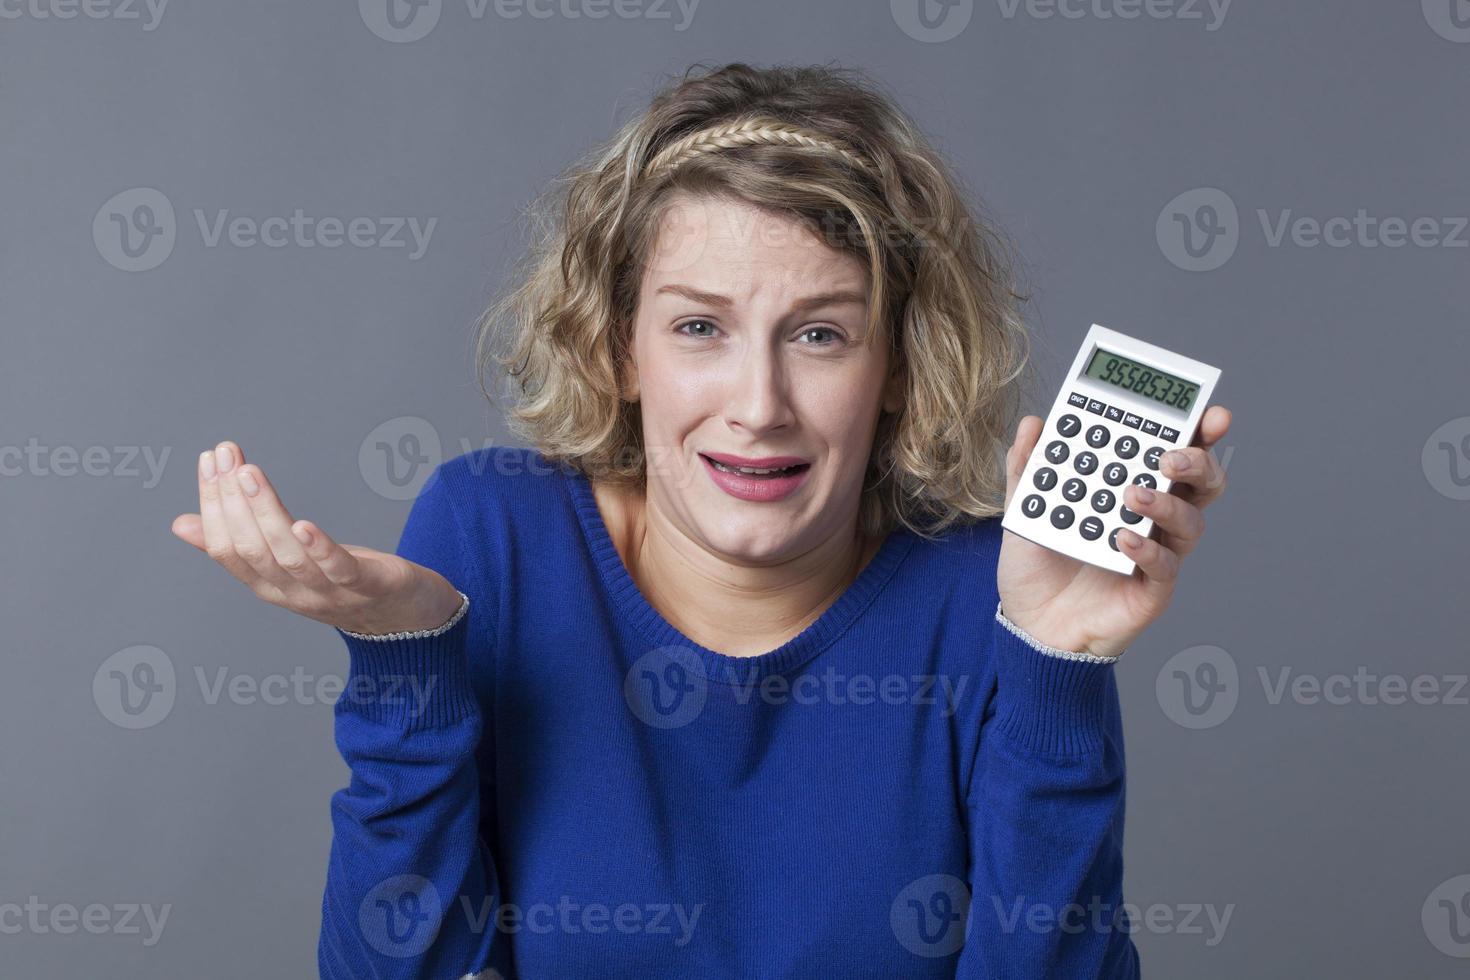 giovani donne che affrontano problemi finanziari foto